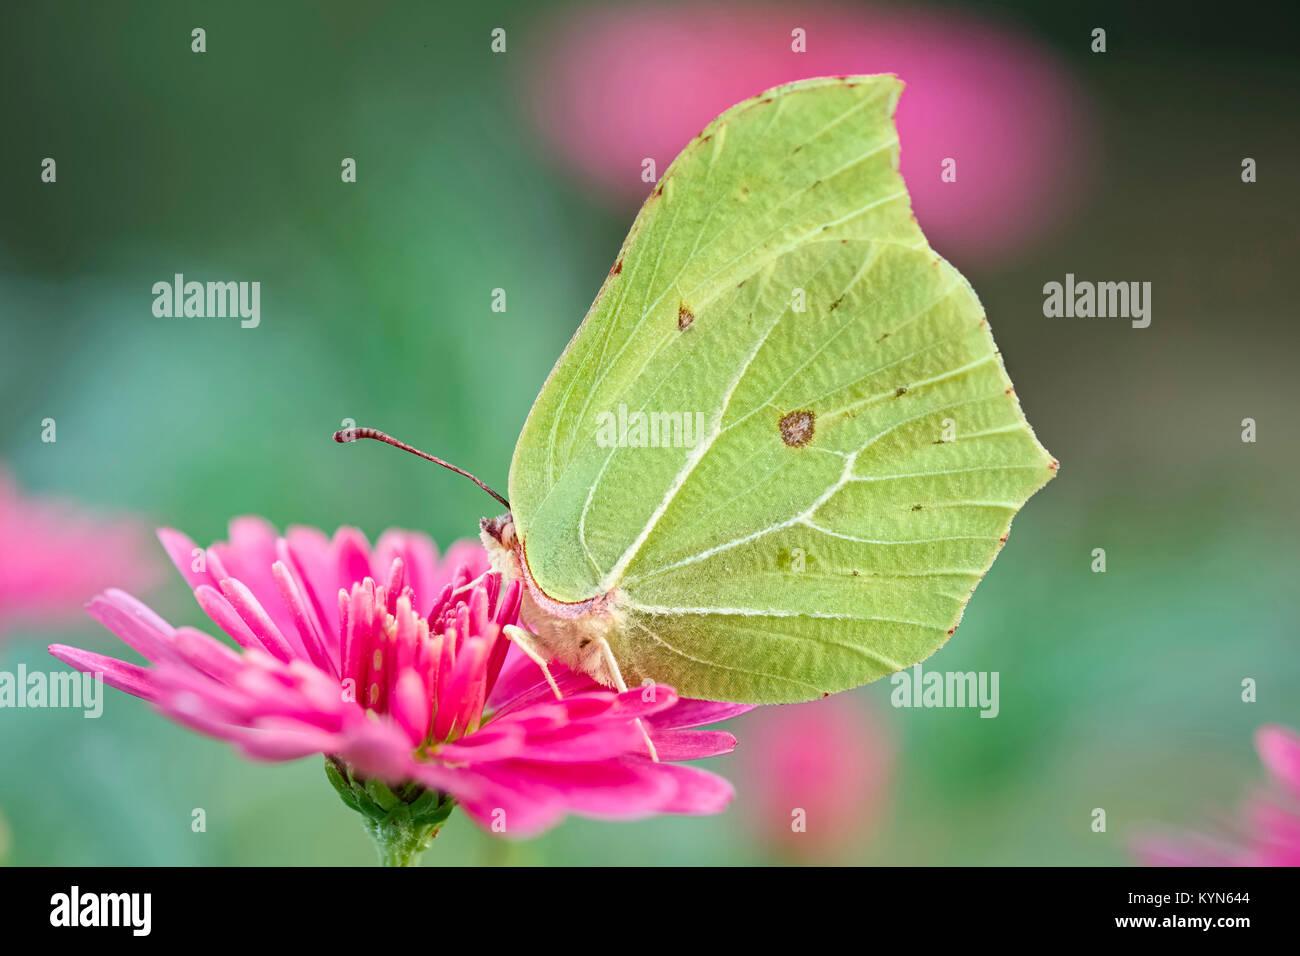 Brimstone Butterfly resting on Marguerite - Gonepteryx rhamni fleurs Daisy Photo Stock